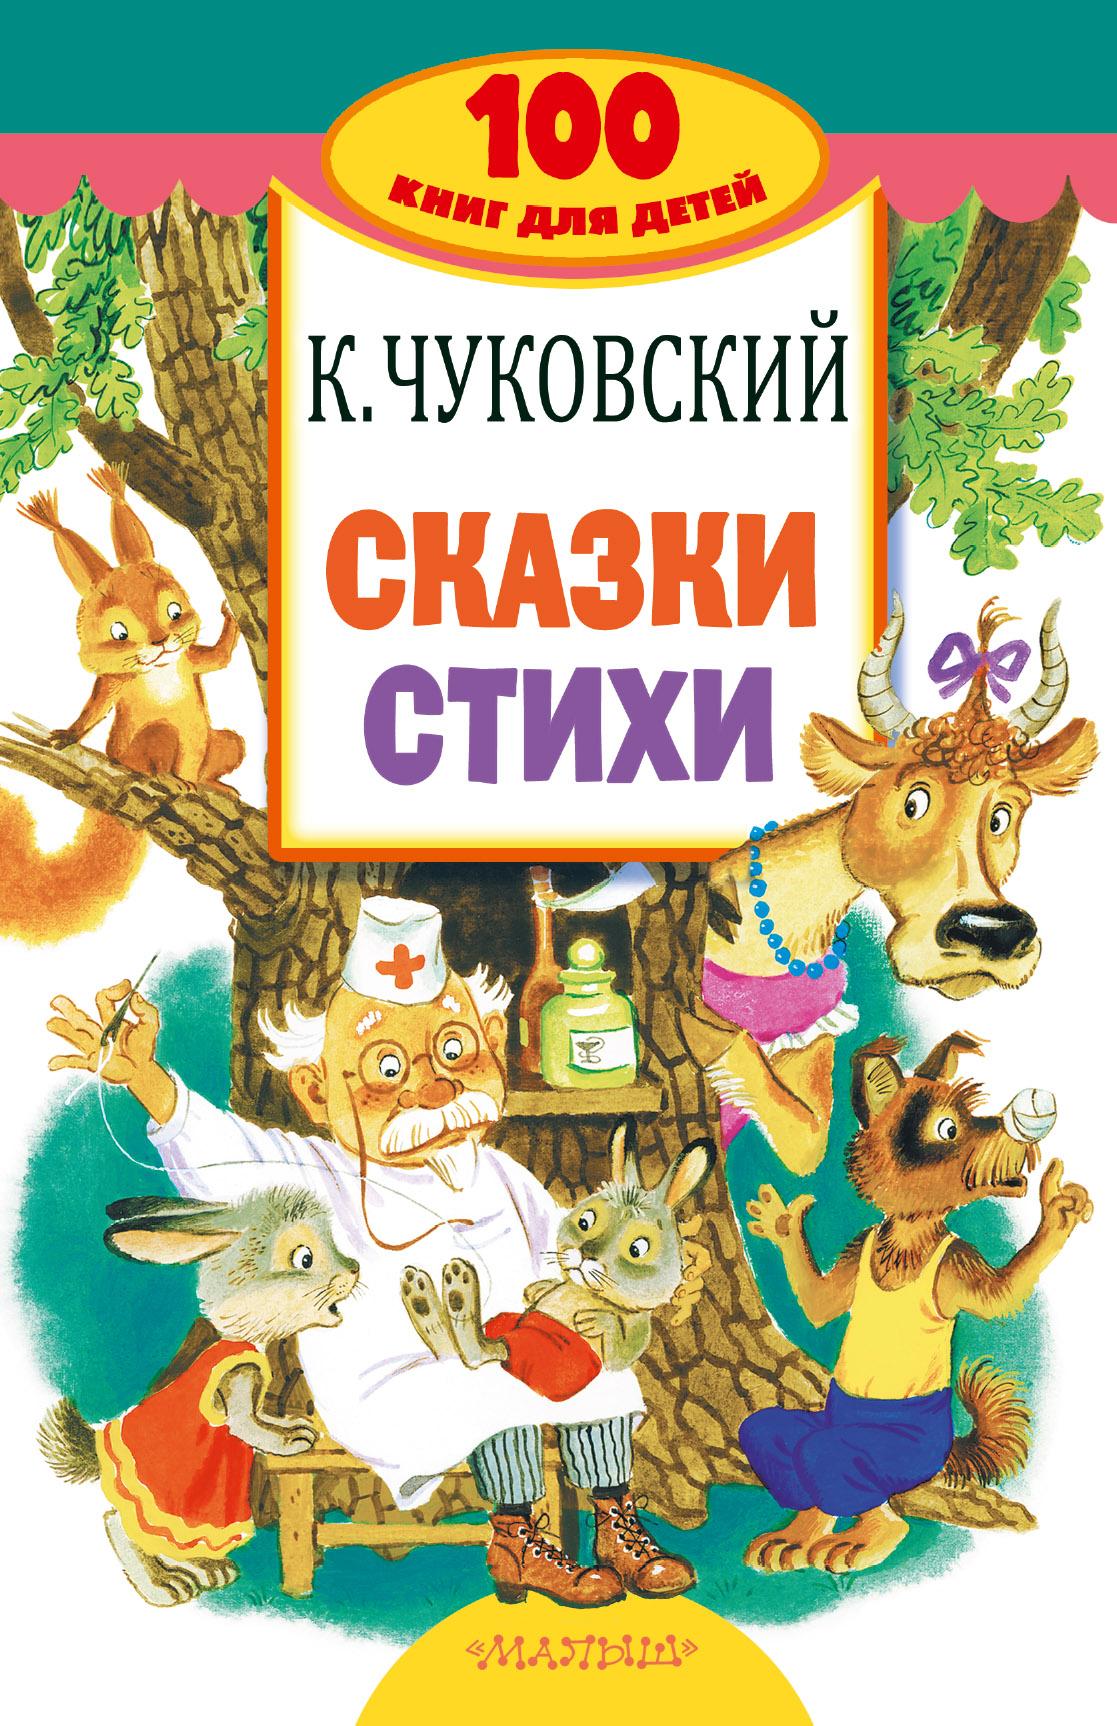 Чуковский К.И. Сказки, стихи к и чуковский бармалей